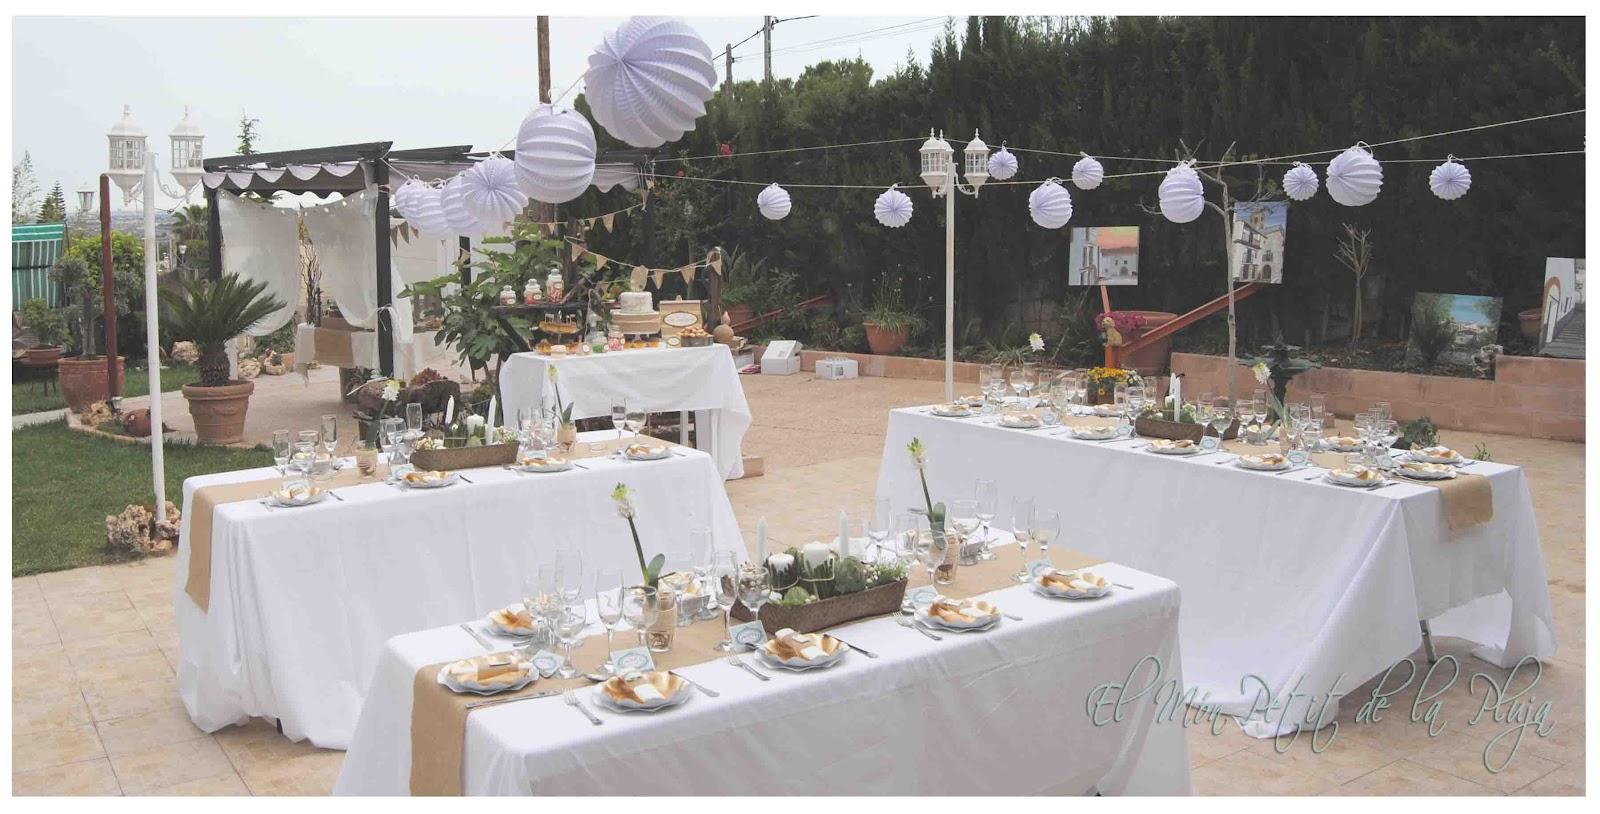 great lunes de mayo de with fiesta ibicenca ideas - Decoracion Fiesta Ibicenca